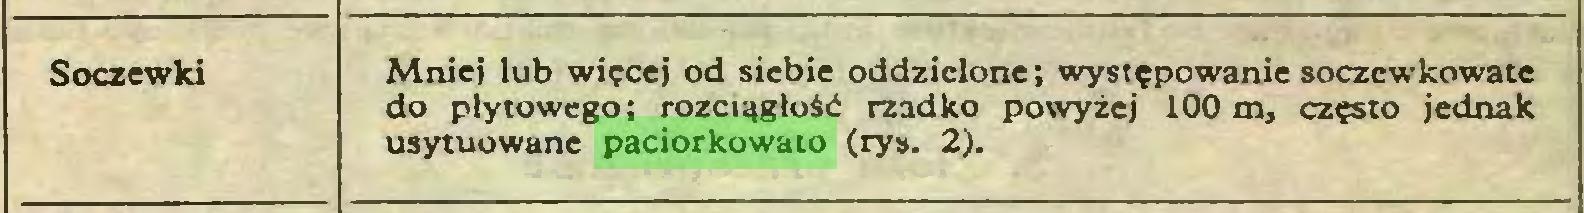 (...) Soczewki Mniej lub więcej od siebie oddzielone; występowanie soczcwkowate do płytowego; rozciągłość rzadko powyżej 100 m, często jednak usytuowane paciorkowato (rys. 2)...